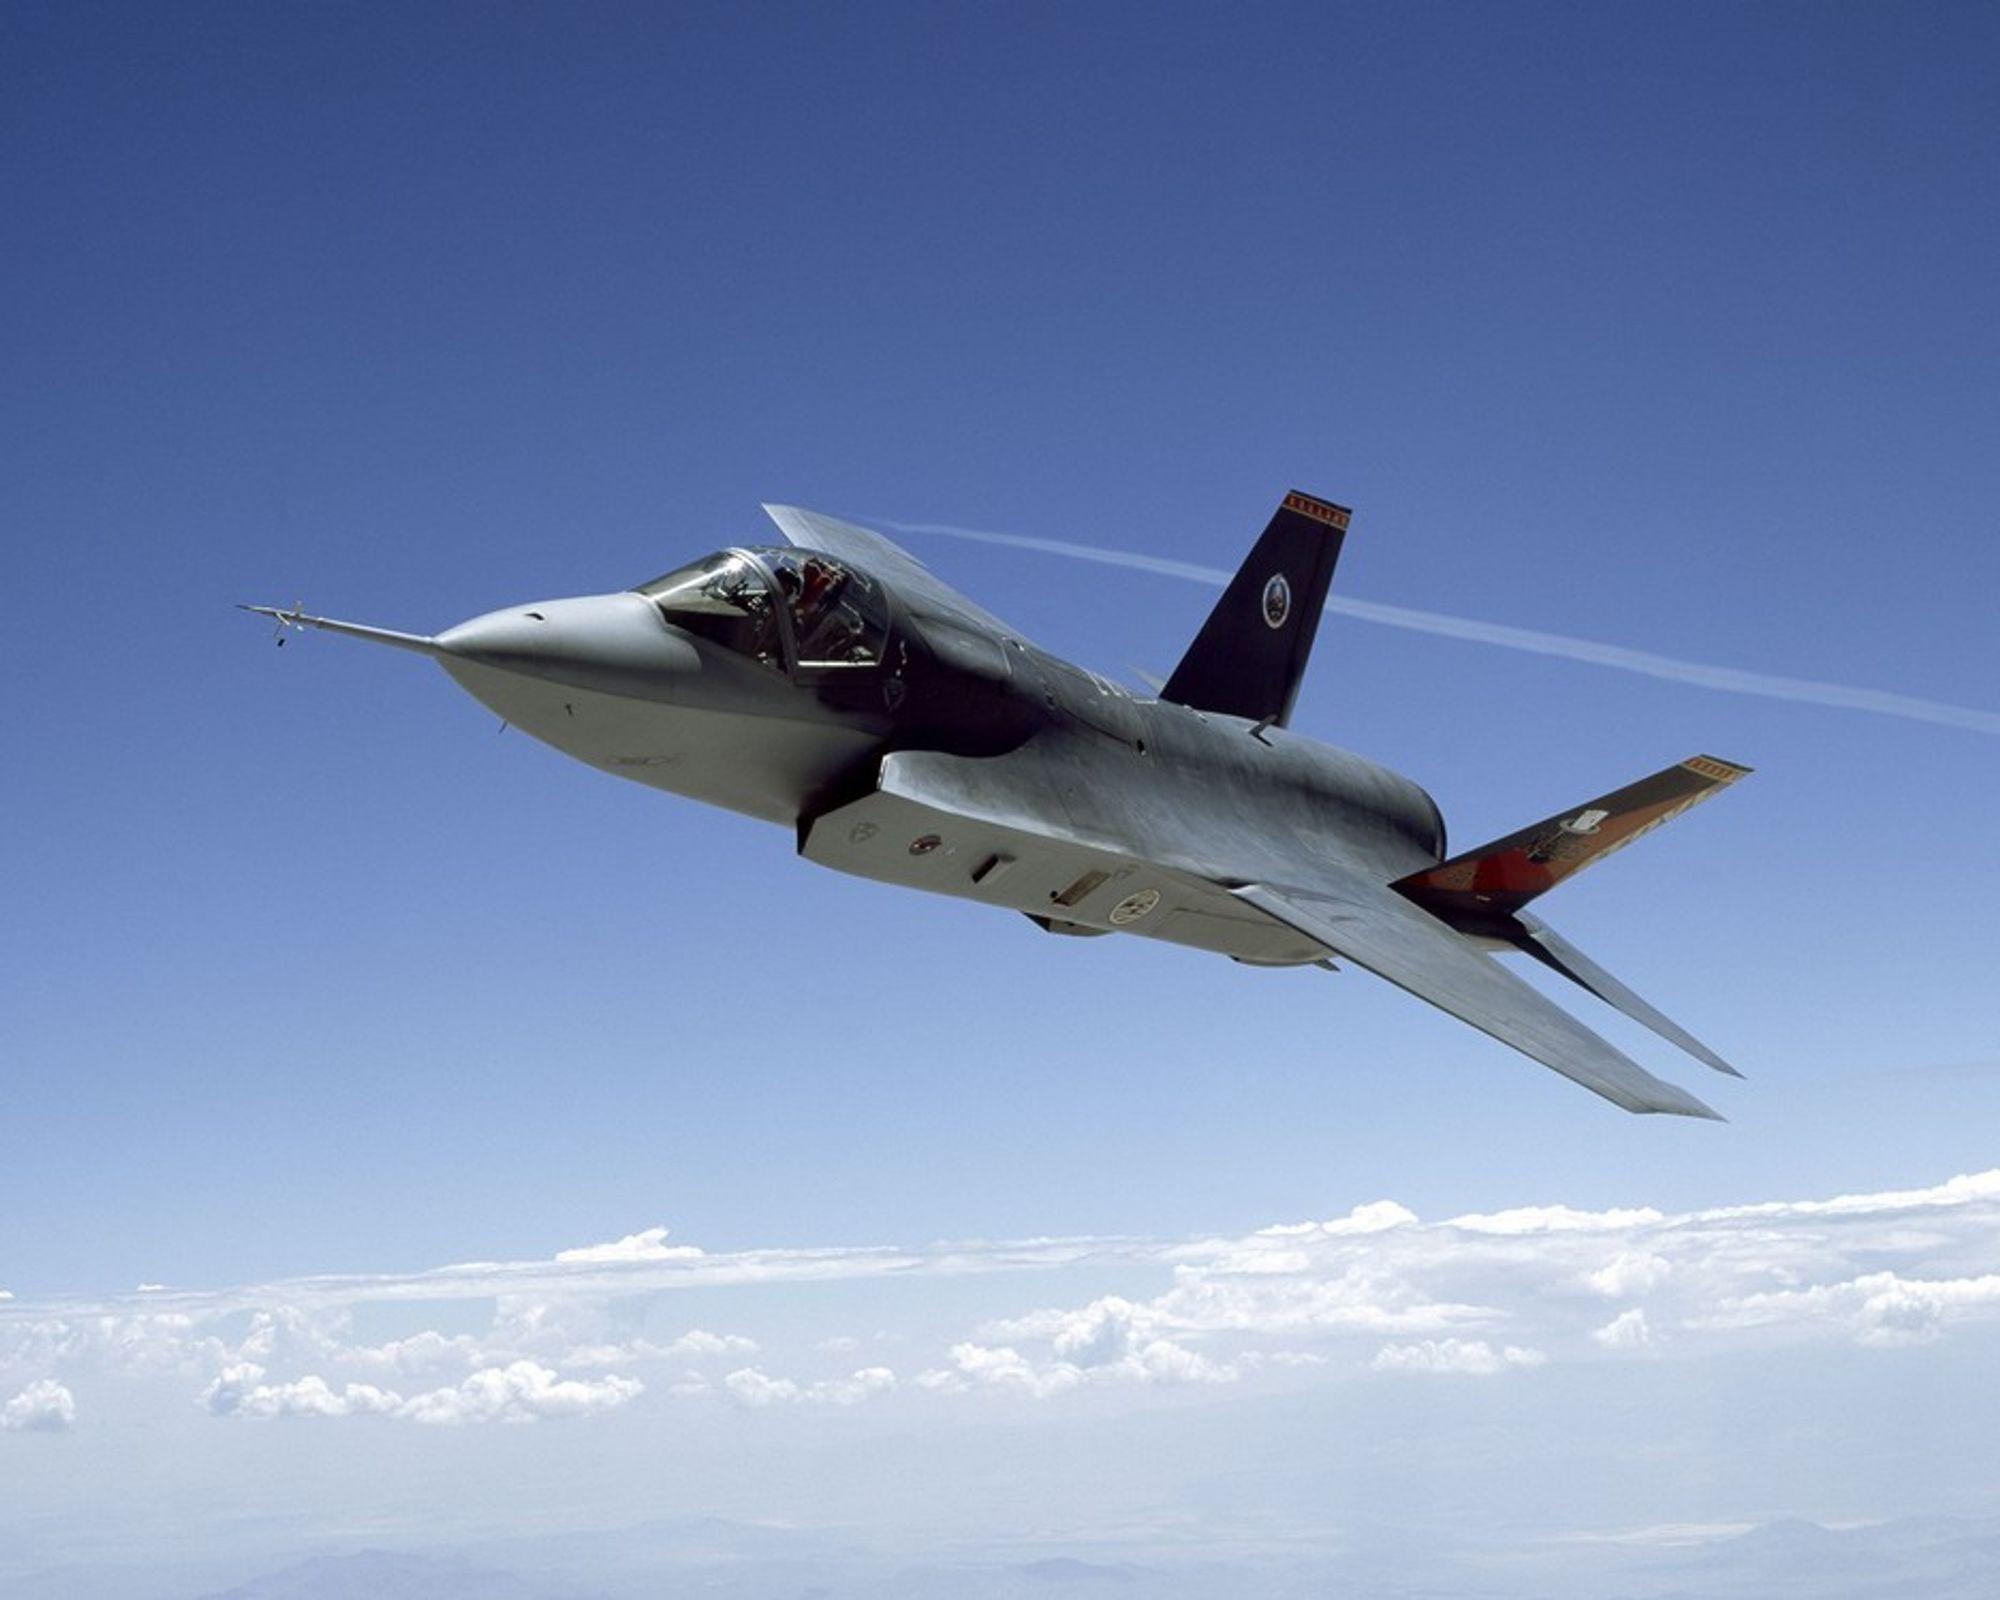 NORSK?: Muligheten for at Norge kjøper amerikanske kampfly om ti år øker i og med at Lockheed Martin nå viser sterkere interesse for norsk-amerikansk industrisamarbeid.